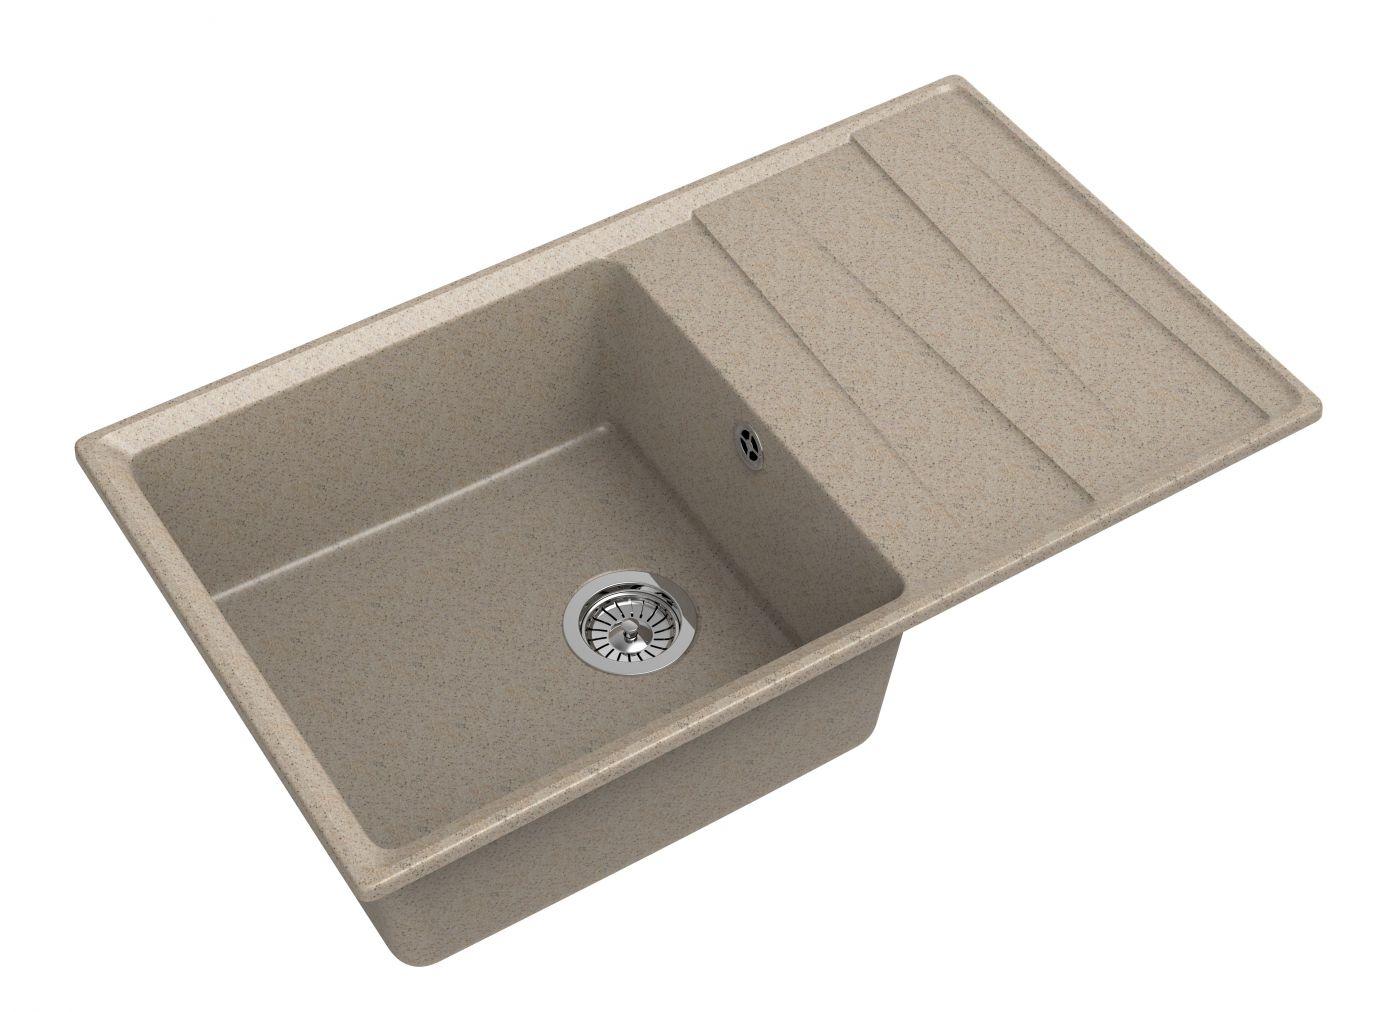 Мраморная мойка для кухни GranFest Level GF-LV860L Песочный